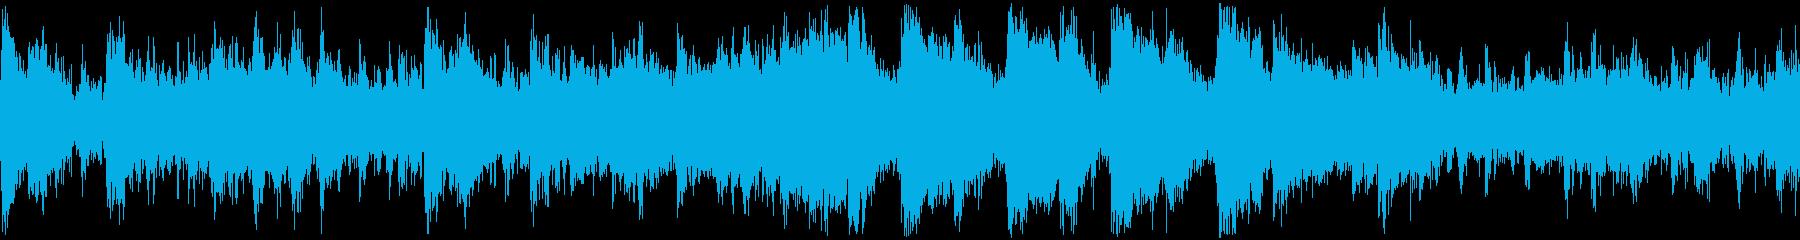 絶望的な危機と恐怖【ループ再生用】の再生済みの波形